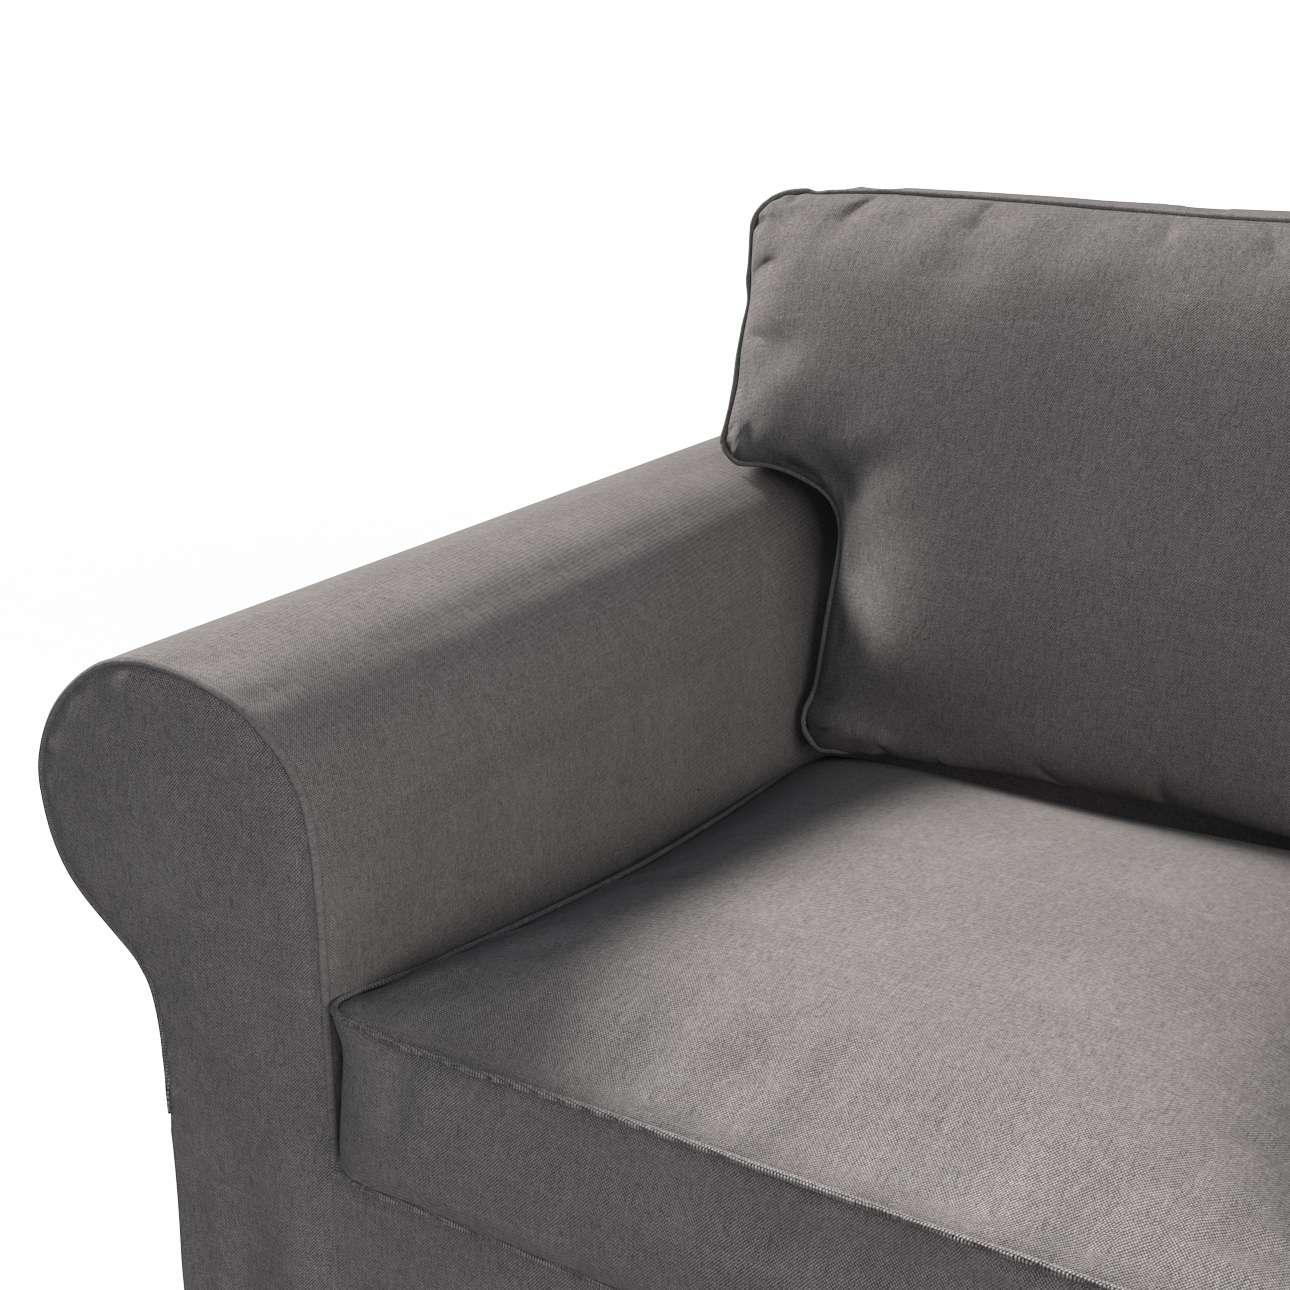 Ektorp 2-Sitzer Schlafsofabezug  NEUES Modell  Sofabezug für  Ektorp 2-Sitzer ausklappbar, neues Modell von der Kollektion Etna, Stoff: 705-35